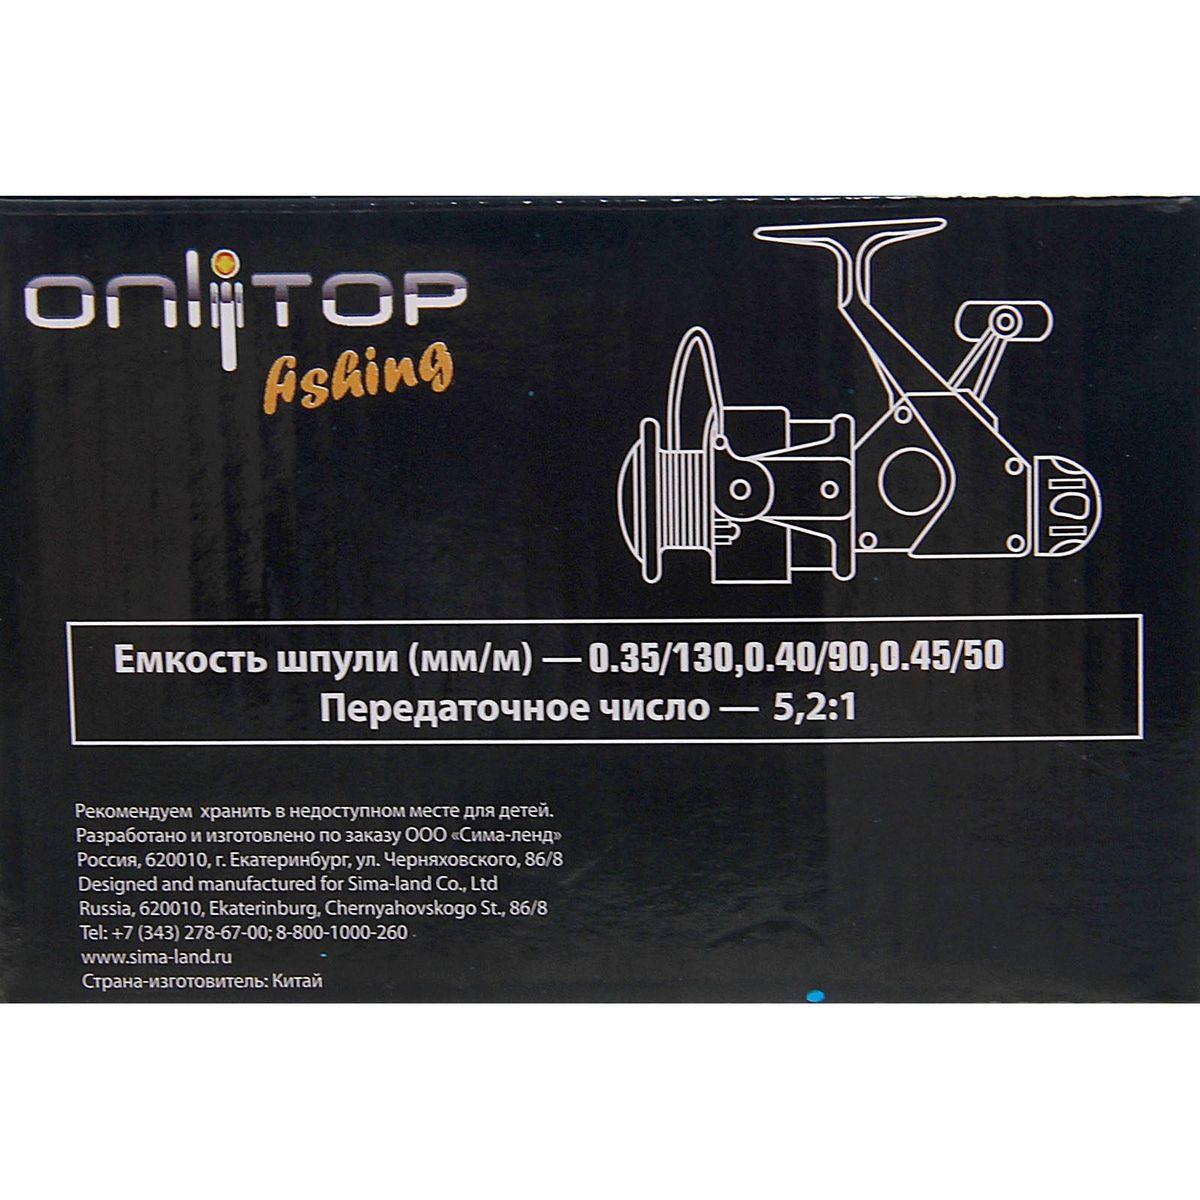 """Катушка безынерционная Onlitop """"ER40 1ВВ; 0,25/200; 4,9:1"""", цвет: черный, 1 подшипник ( 132513 )"""